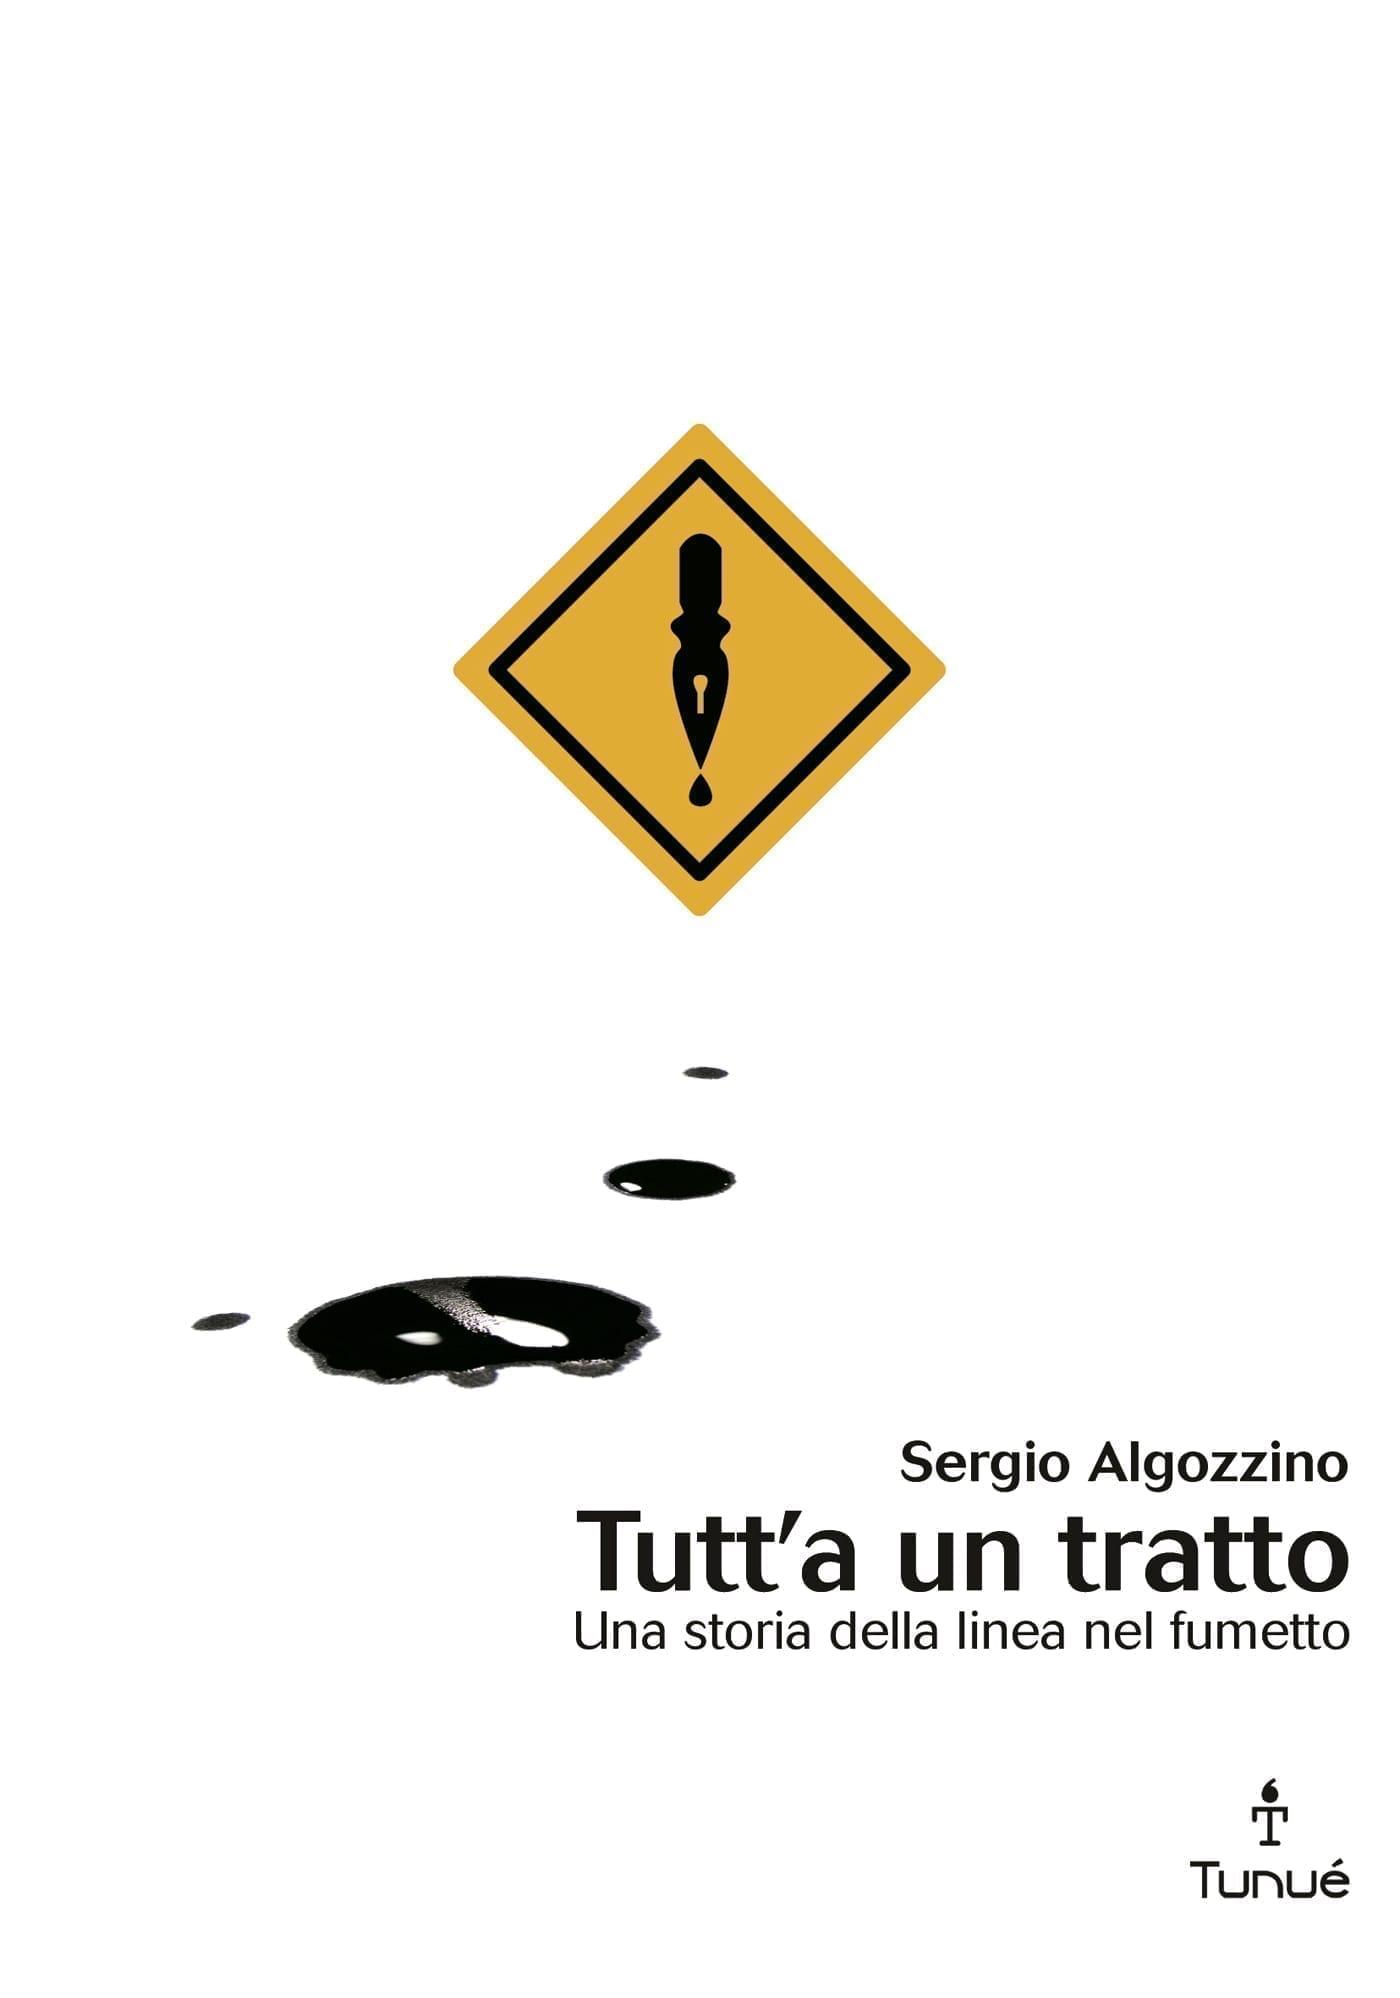 tutt'a_un_tratto_HR